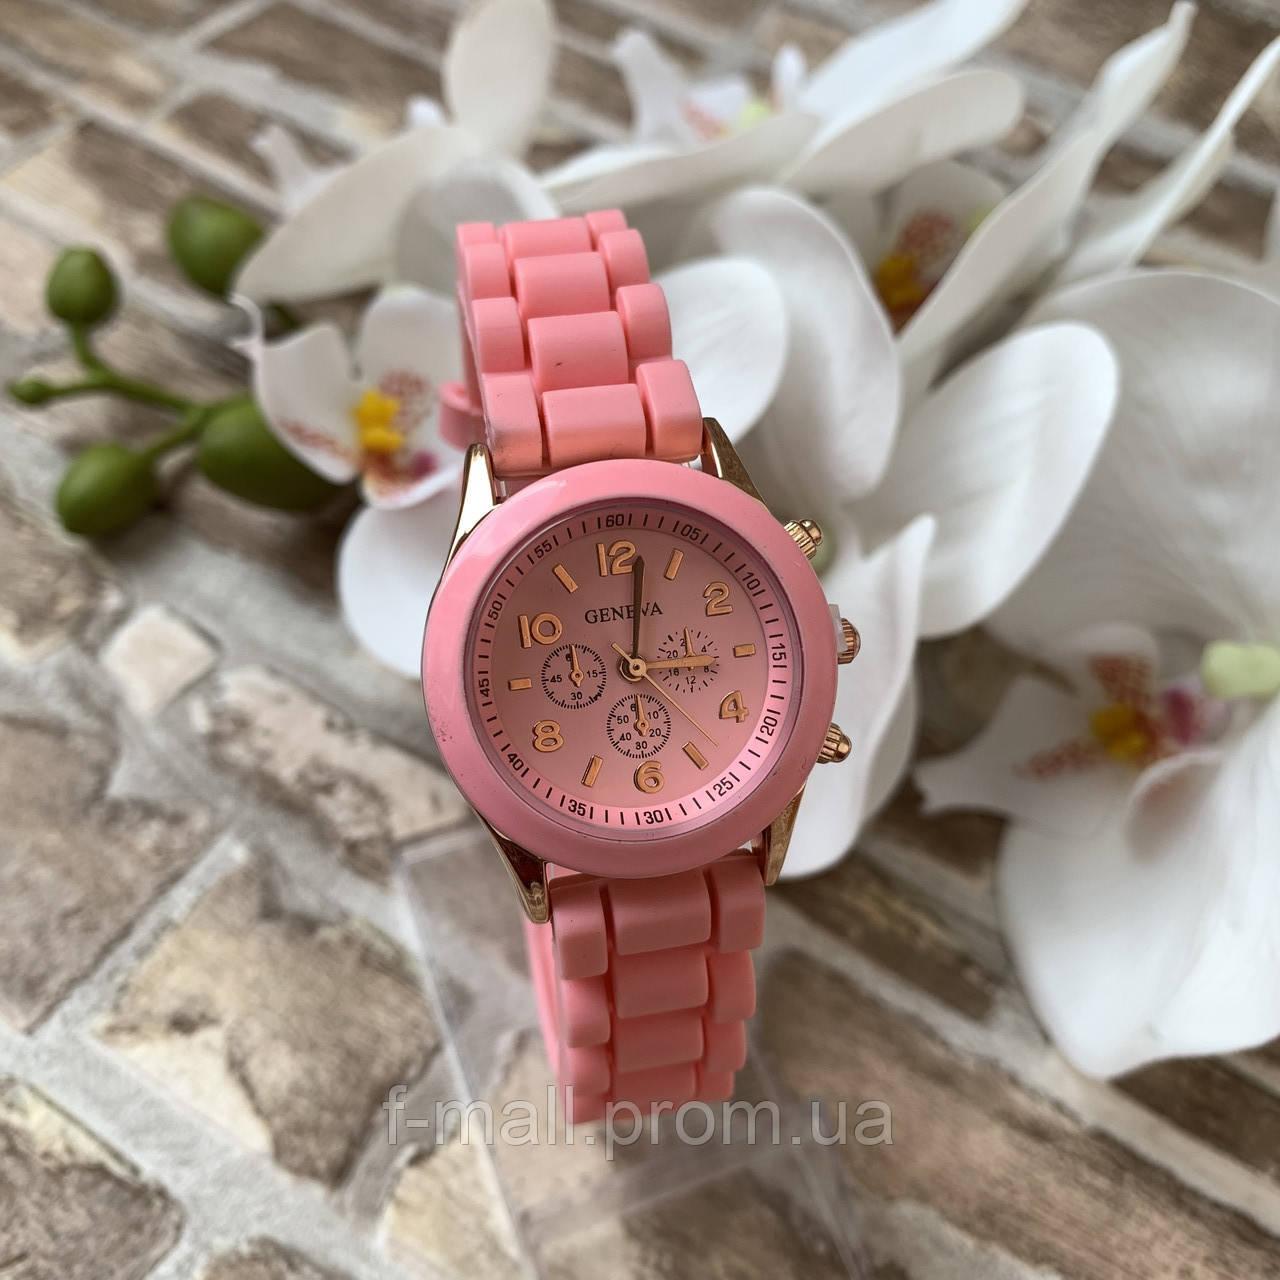 Женские наручные часы на силиконовом ремешке Geneva розовые